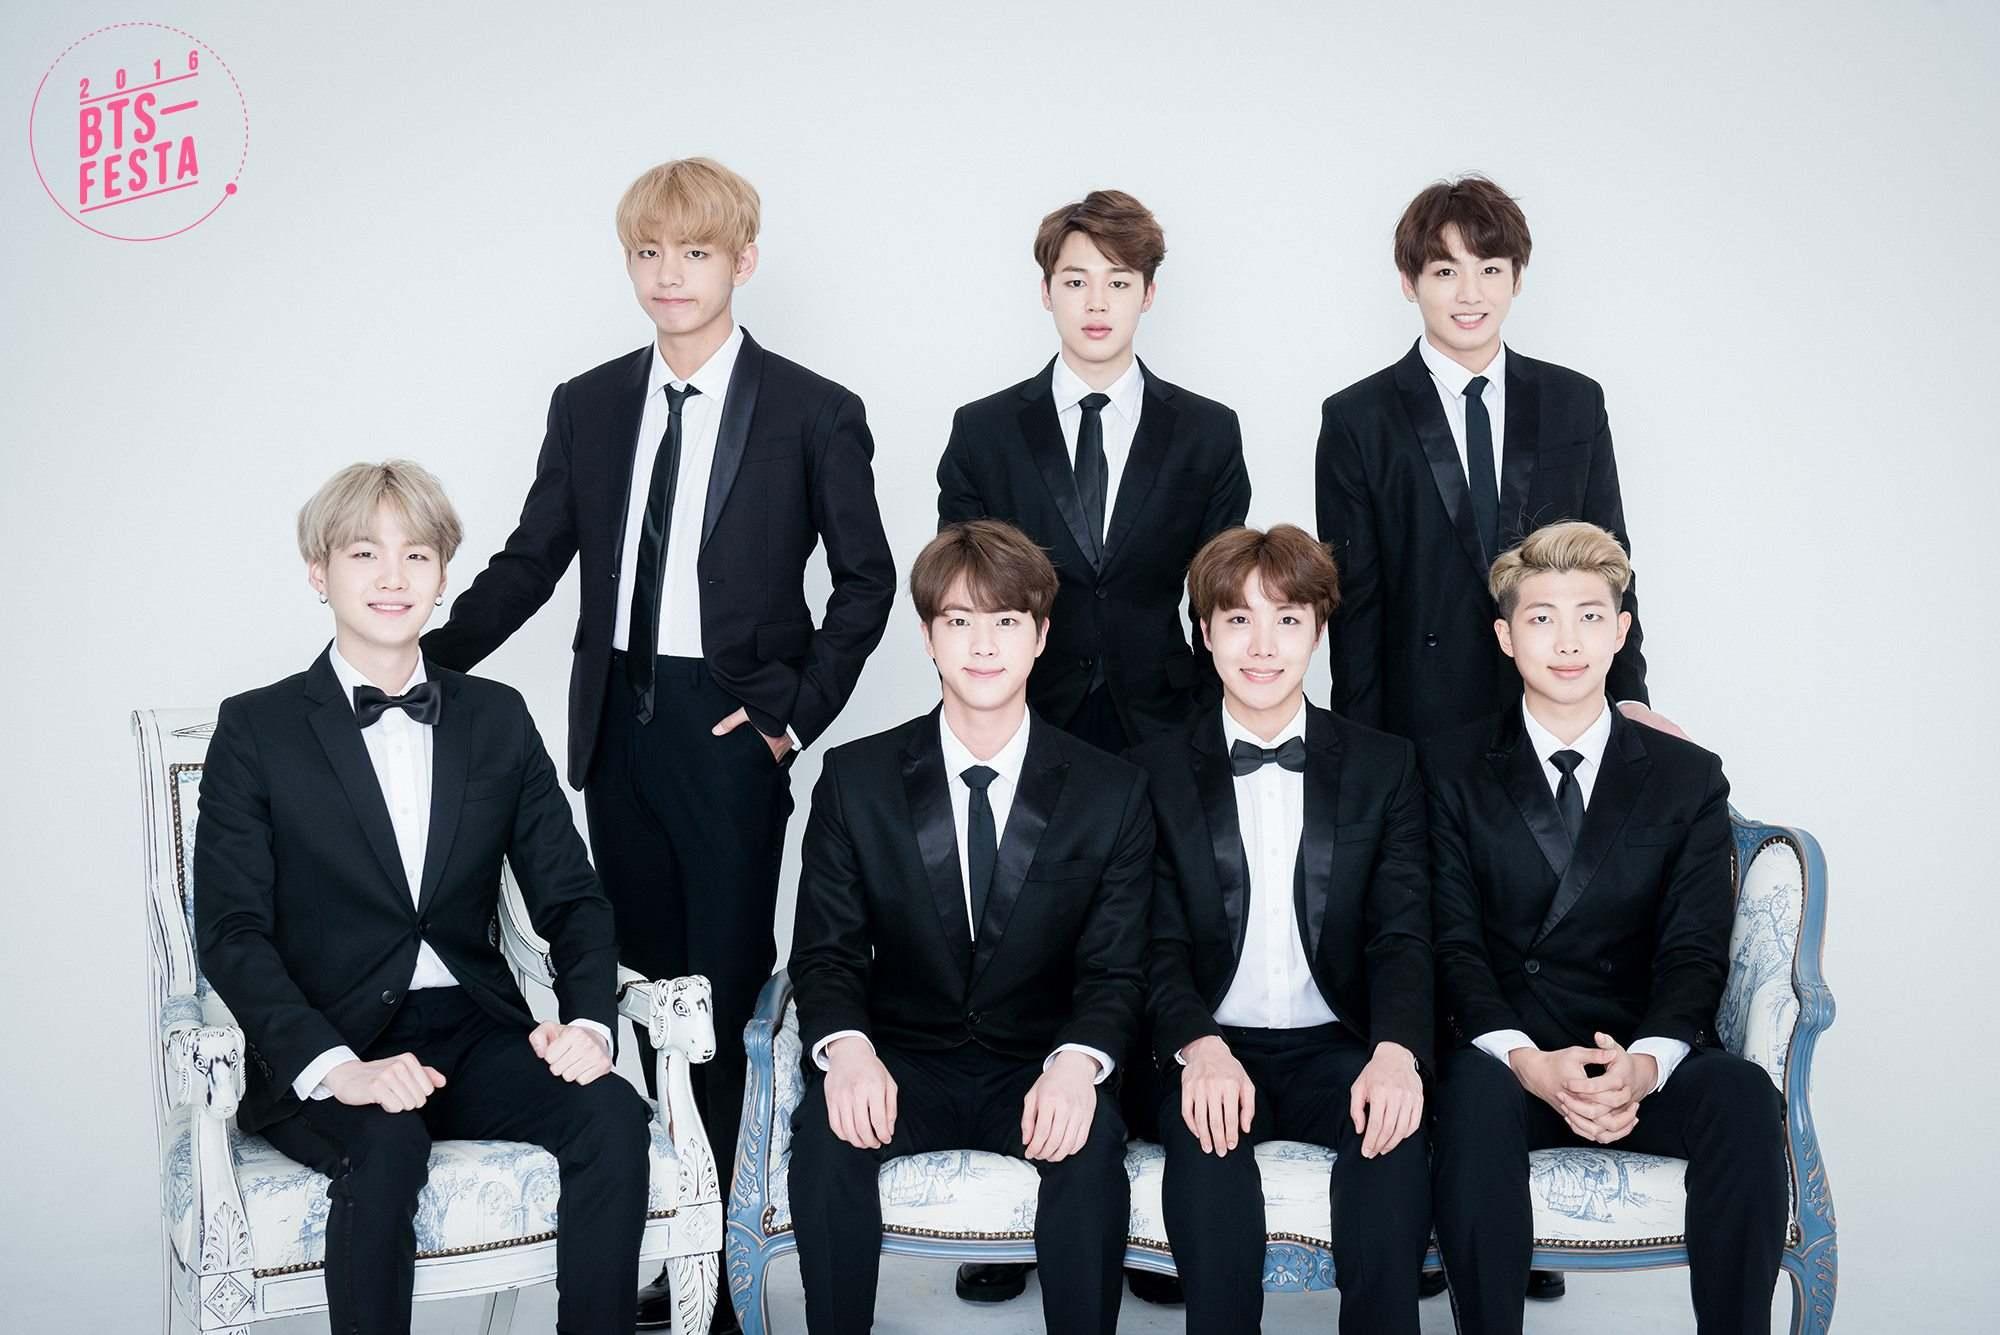 另外我還有疑問,如果防彈少年團以後不是少年了怎麼辦?要像Super Junior的粉絲一樣暱稱他們是老少年嗎XD